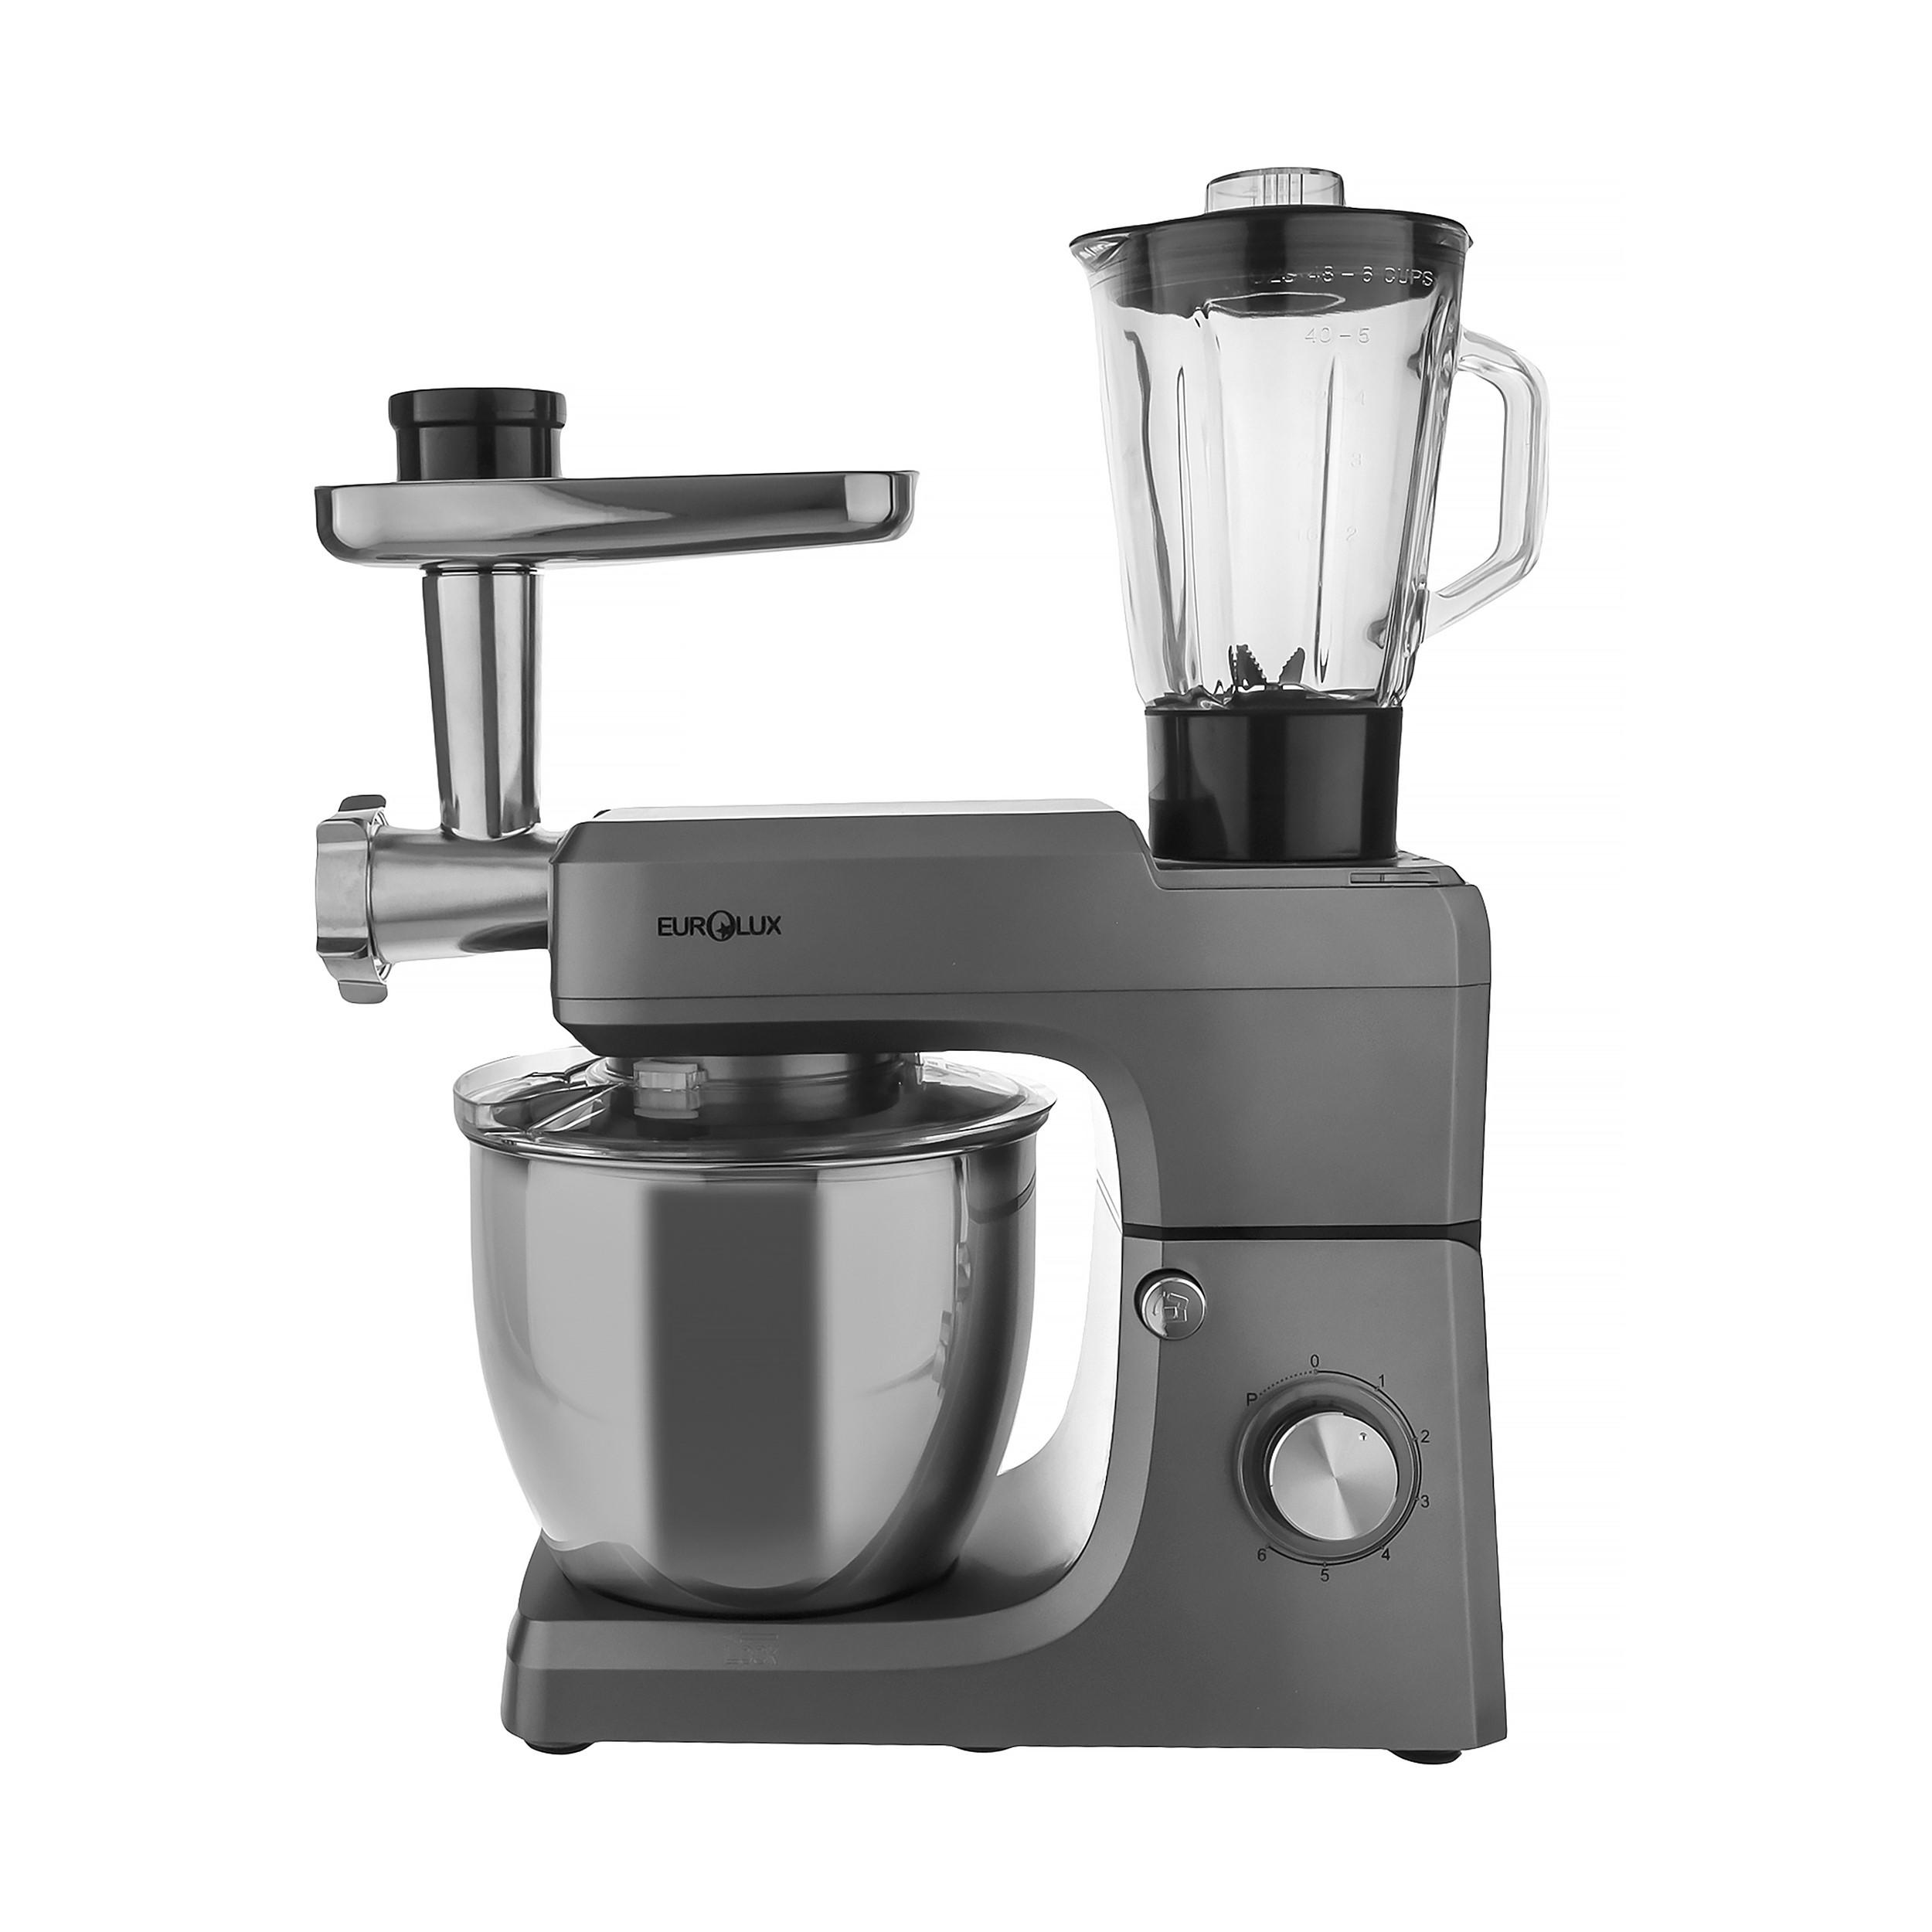 ماشین آشپزخانه یورولوکس مدل EU-SM3983SM3